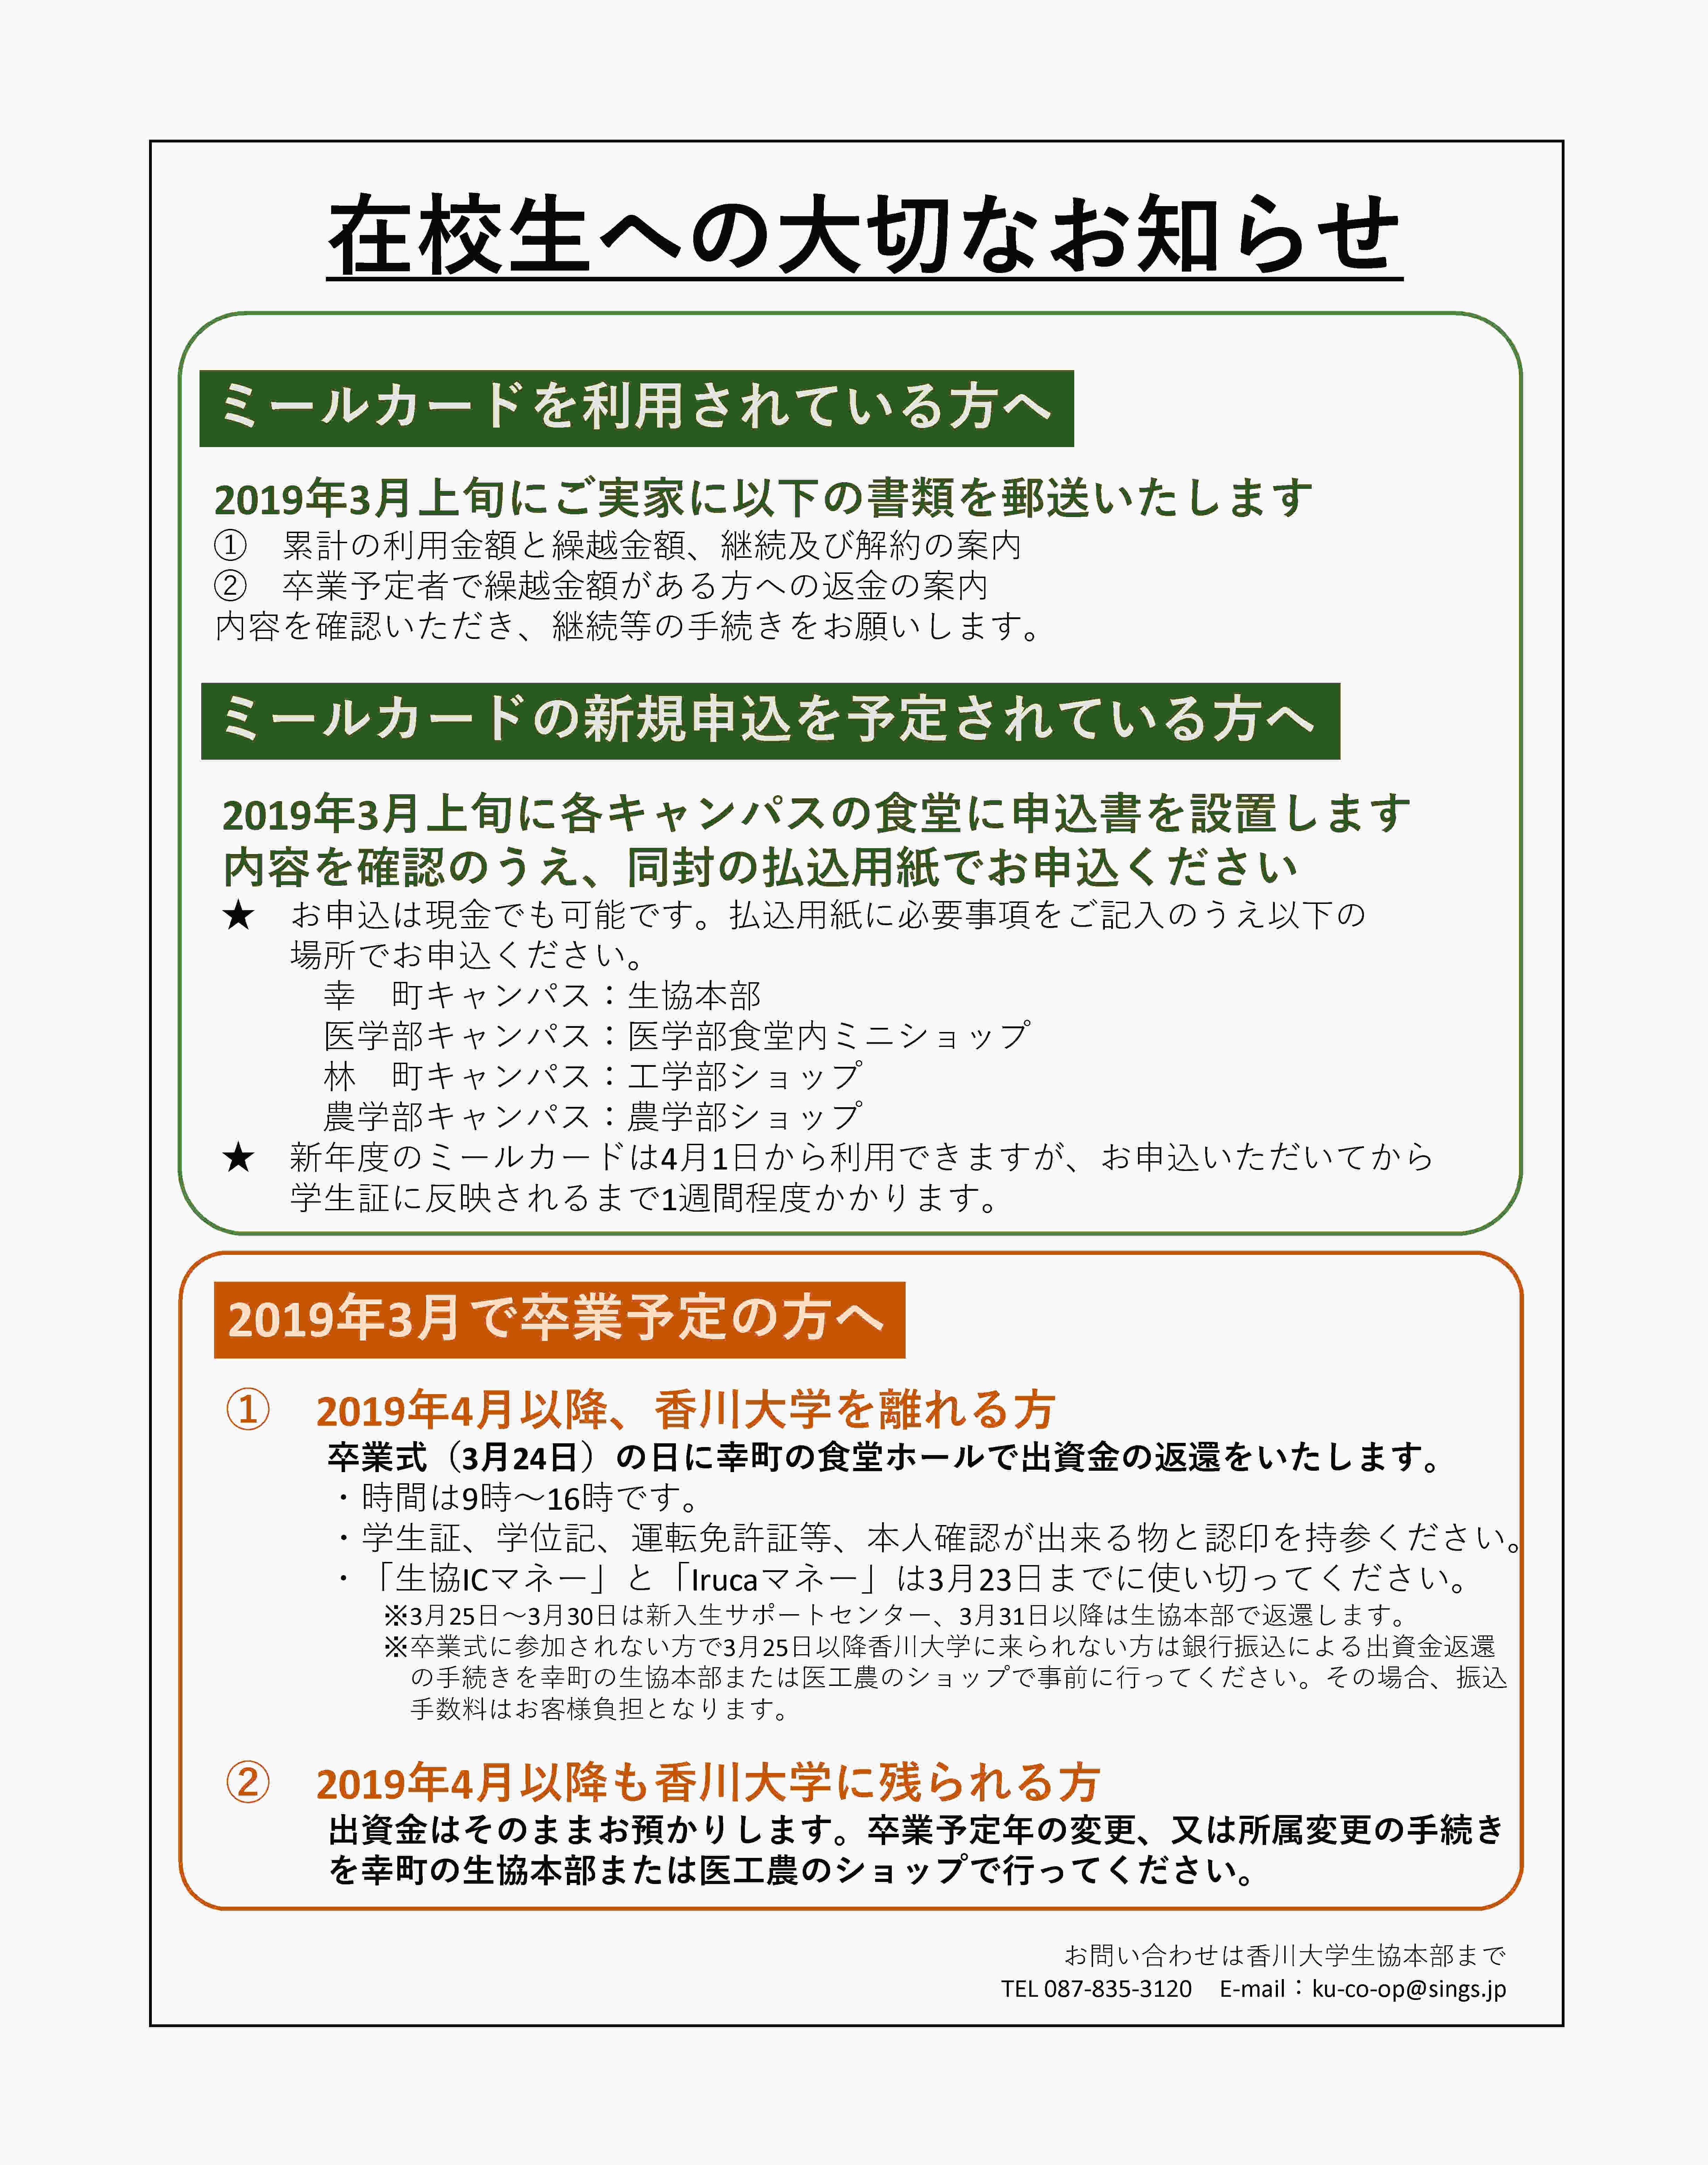 生協 香川 大学